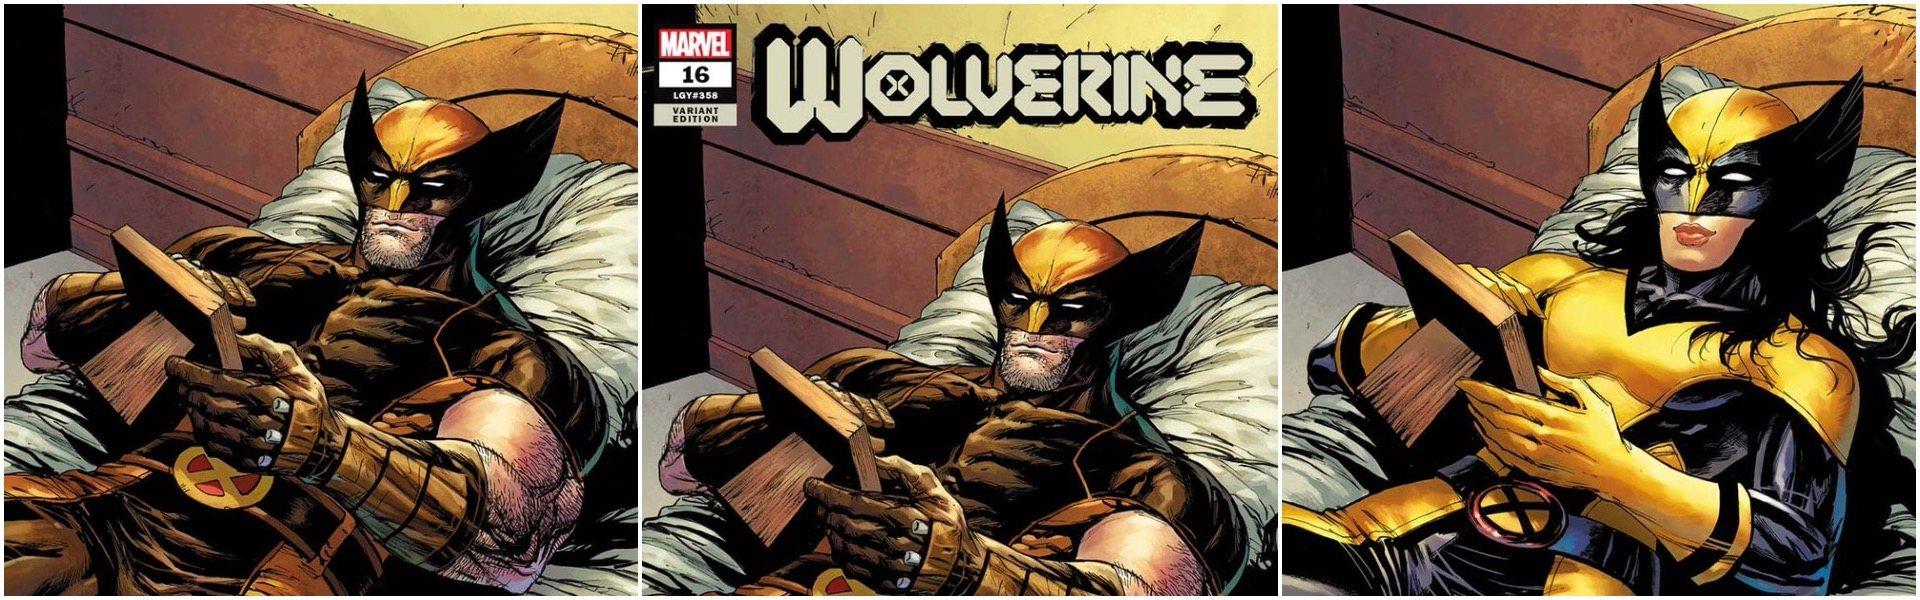 Wolverine #16 Tyler Kirkham Variants